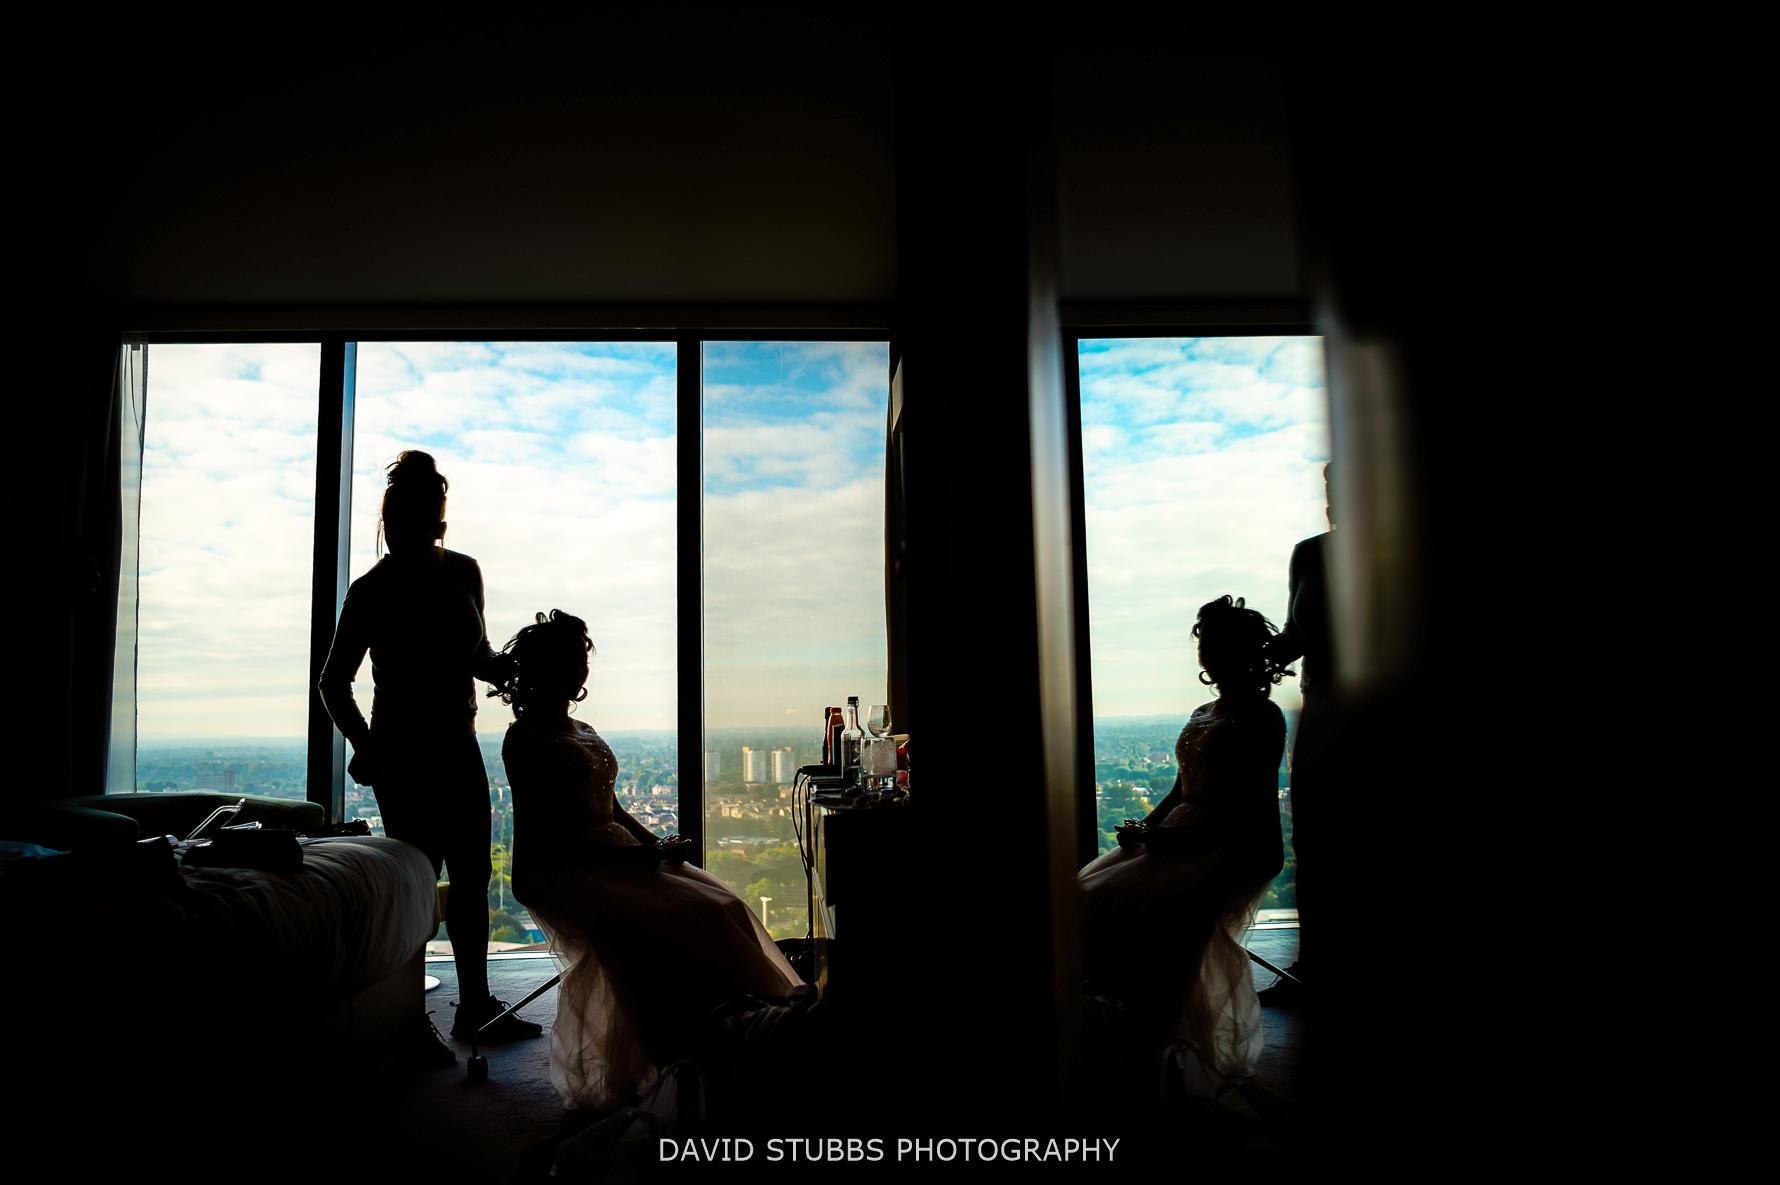 silhouette in glass window